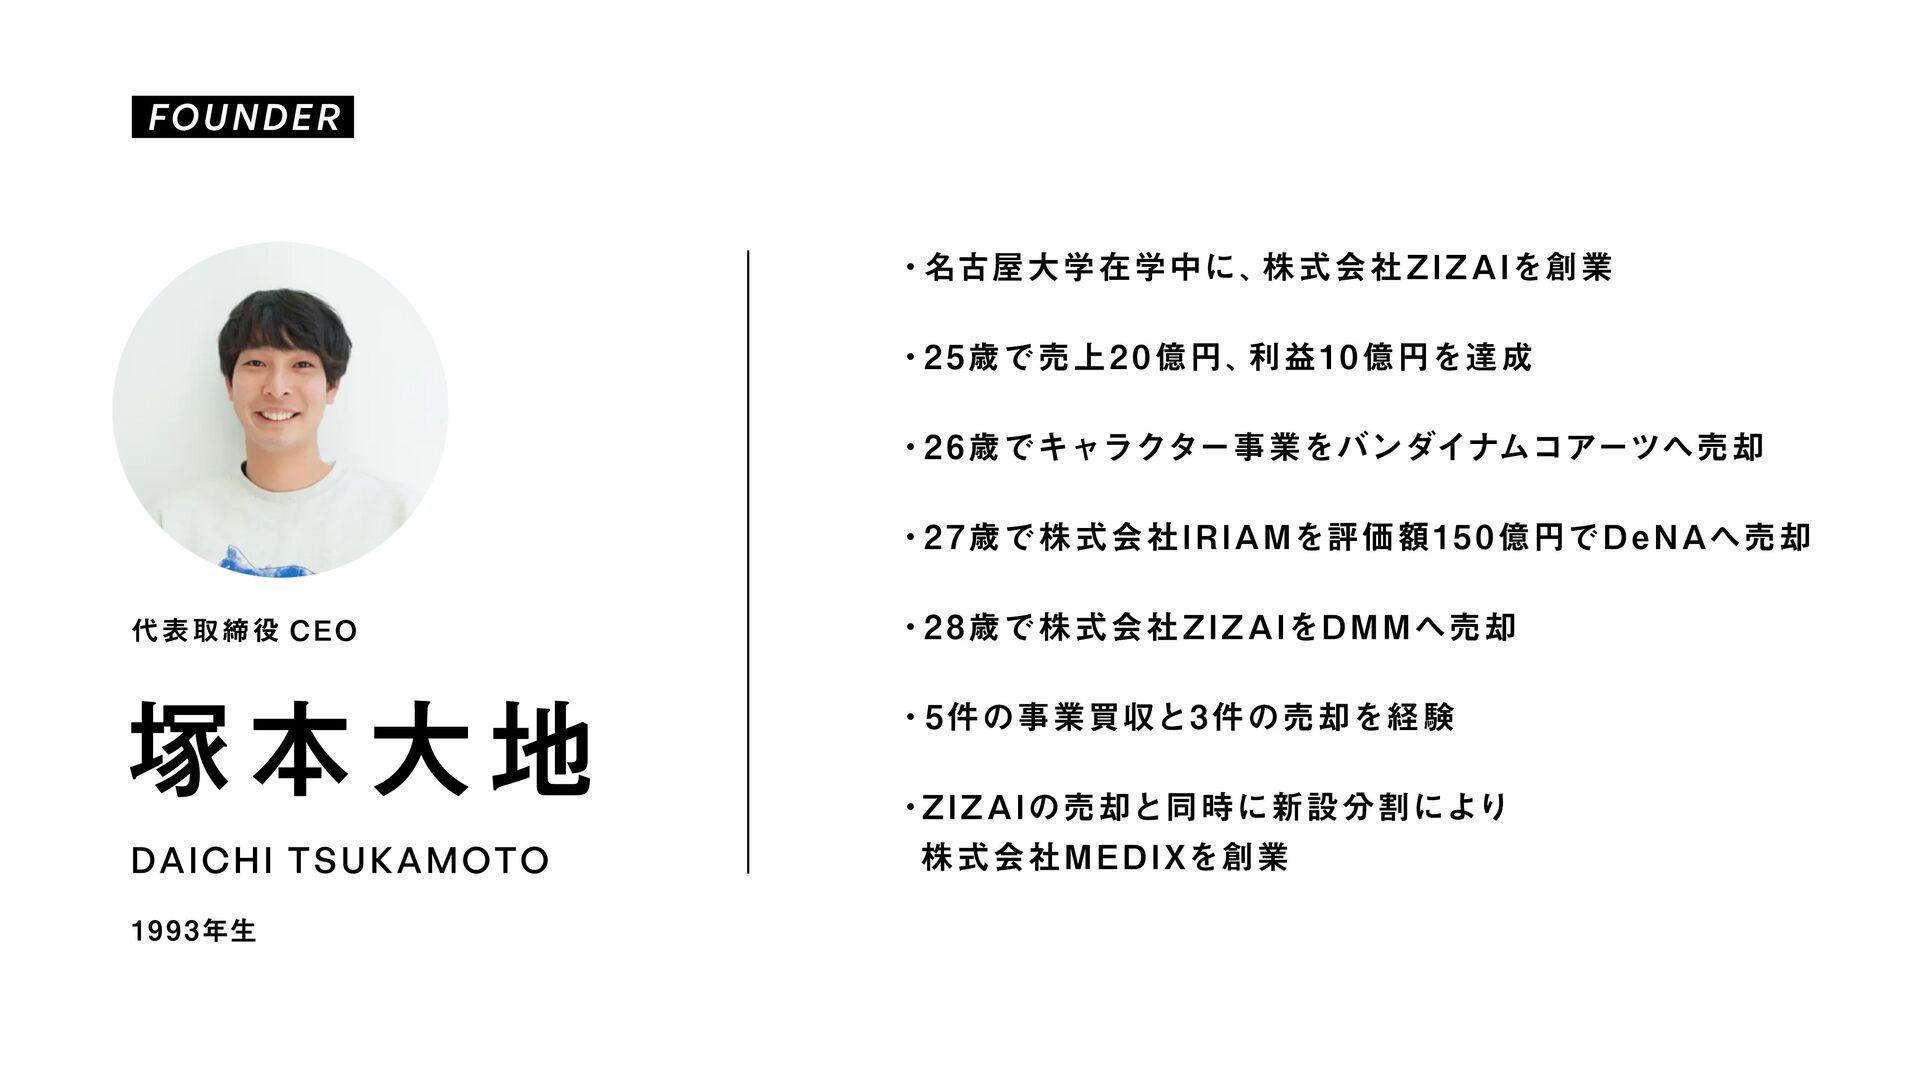 MISSION ϛογϣϯ ͳΜ͔εήʔͷɺʑͱɻ δμΠΛɺδβΠʹɺͭ͘Γͩ͢ɻ ς...